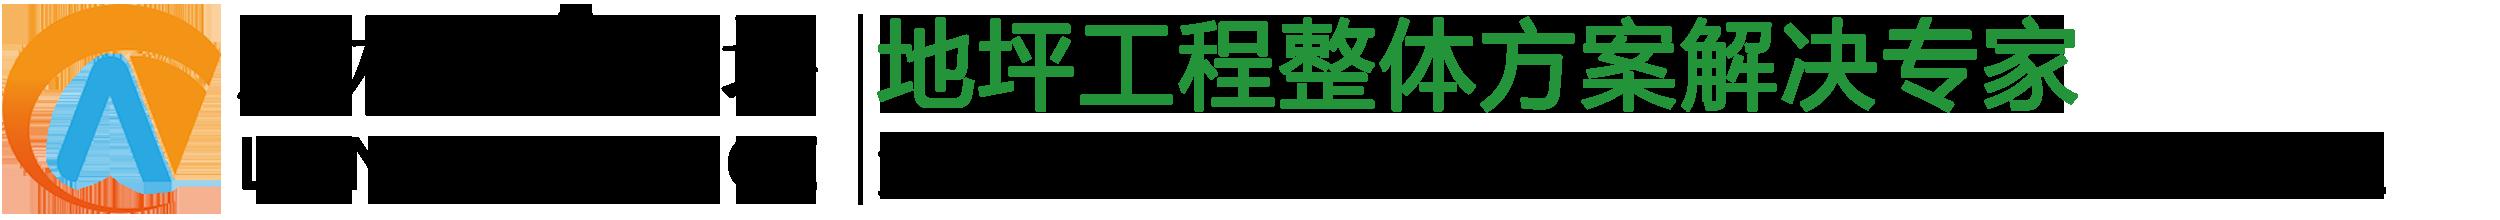 惠州市棱棱祺装饰工程有限公司